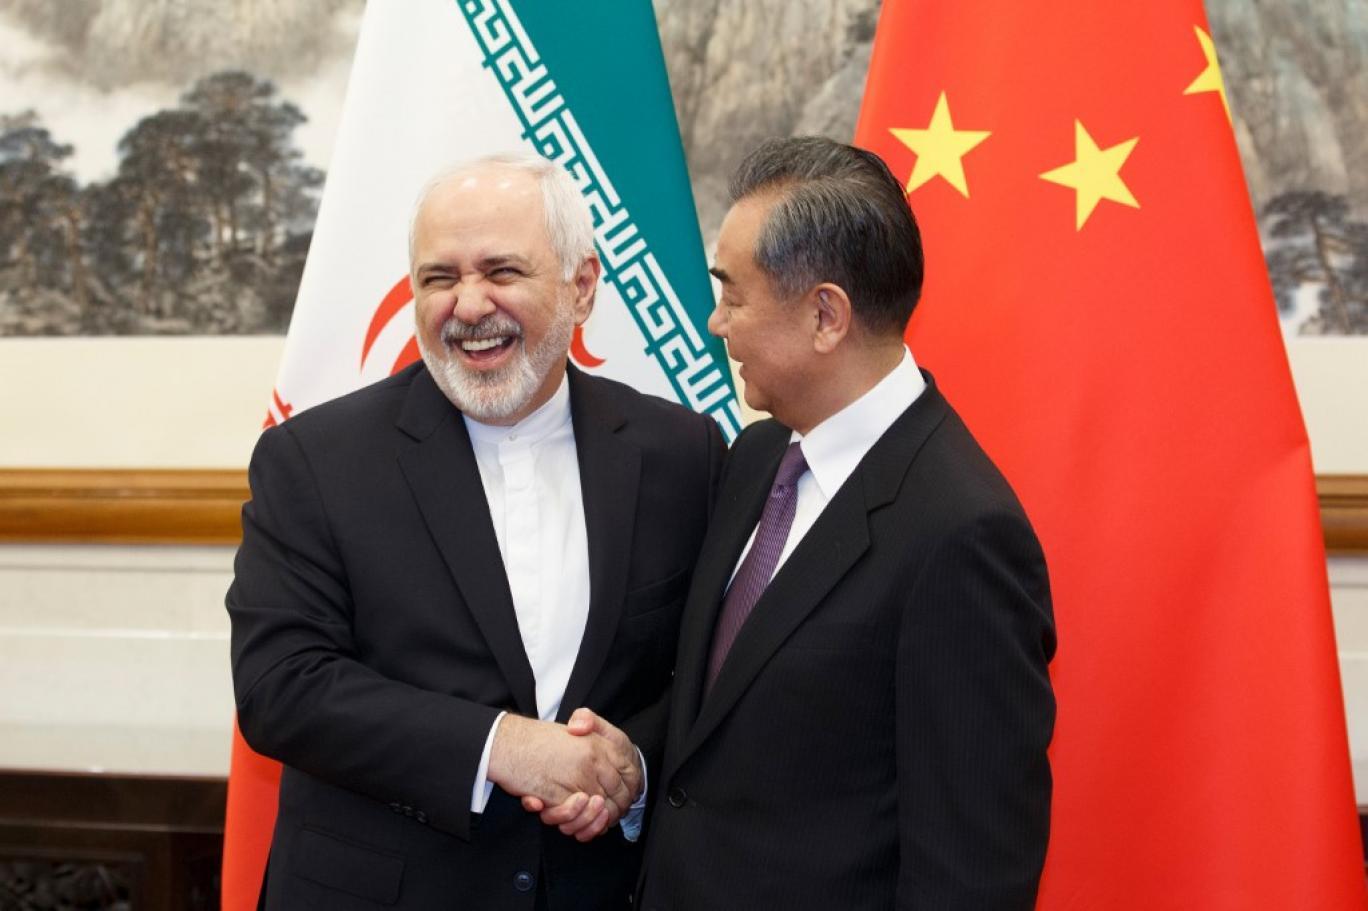 سند همکاری ۲۵ ساله ایران و چین: بازی برد – برد؟